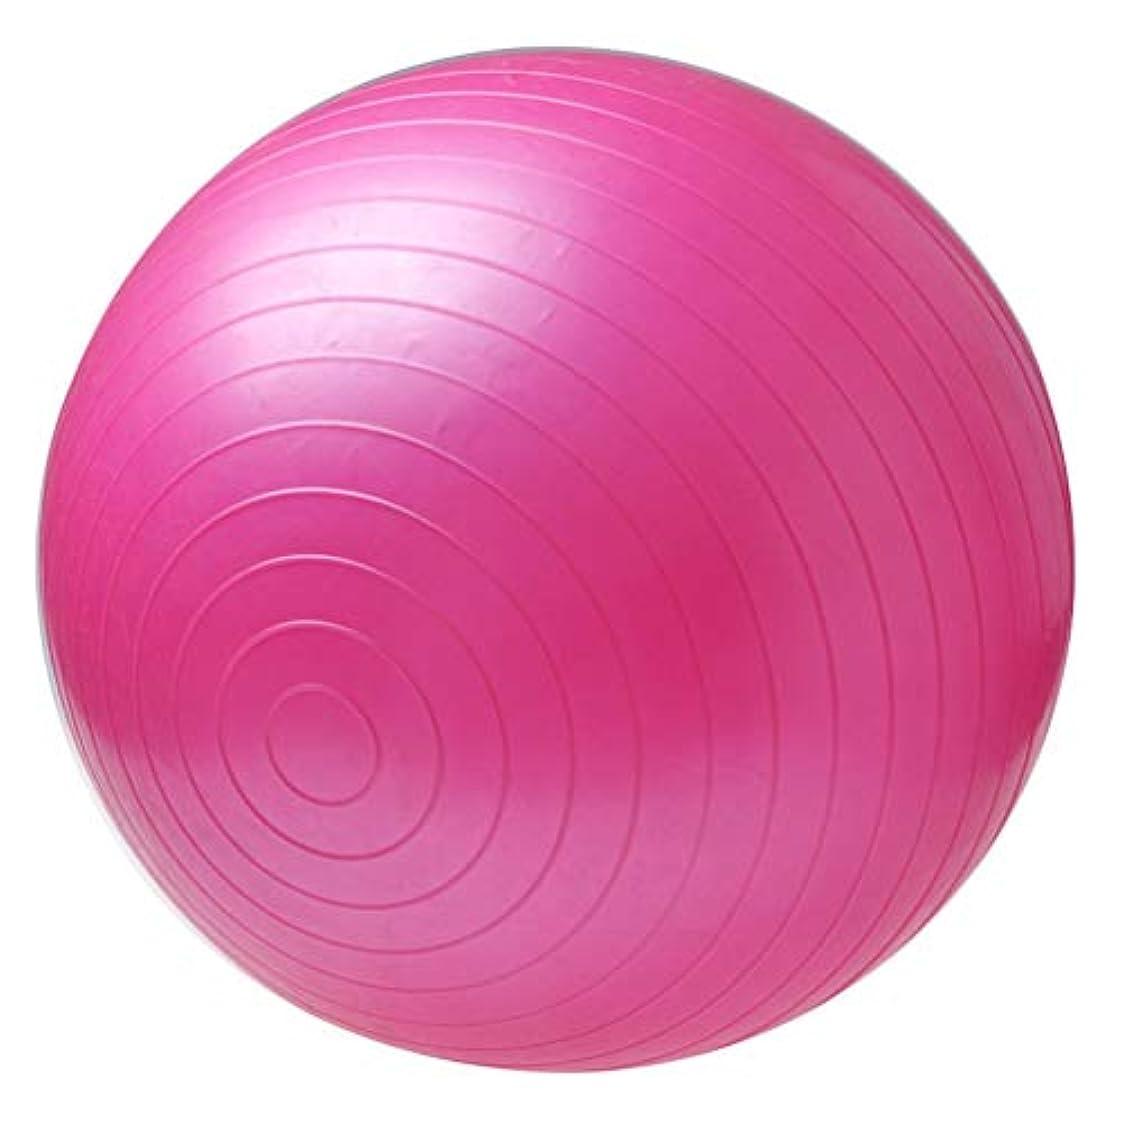 部門お肉方法非毒性スポーツヨガボールボラピラティスフィットネスジムバランスフィットボールエクササイズピラティスワークアウトマッサージボール - ピンク75センチ